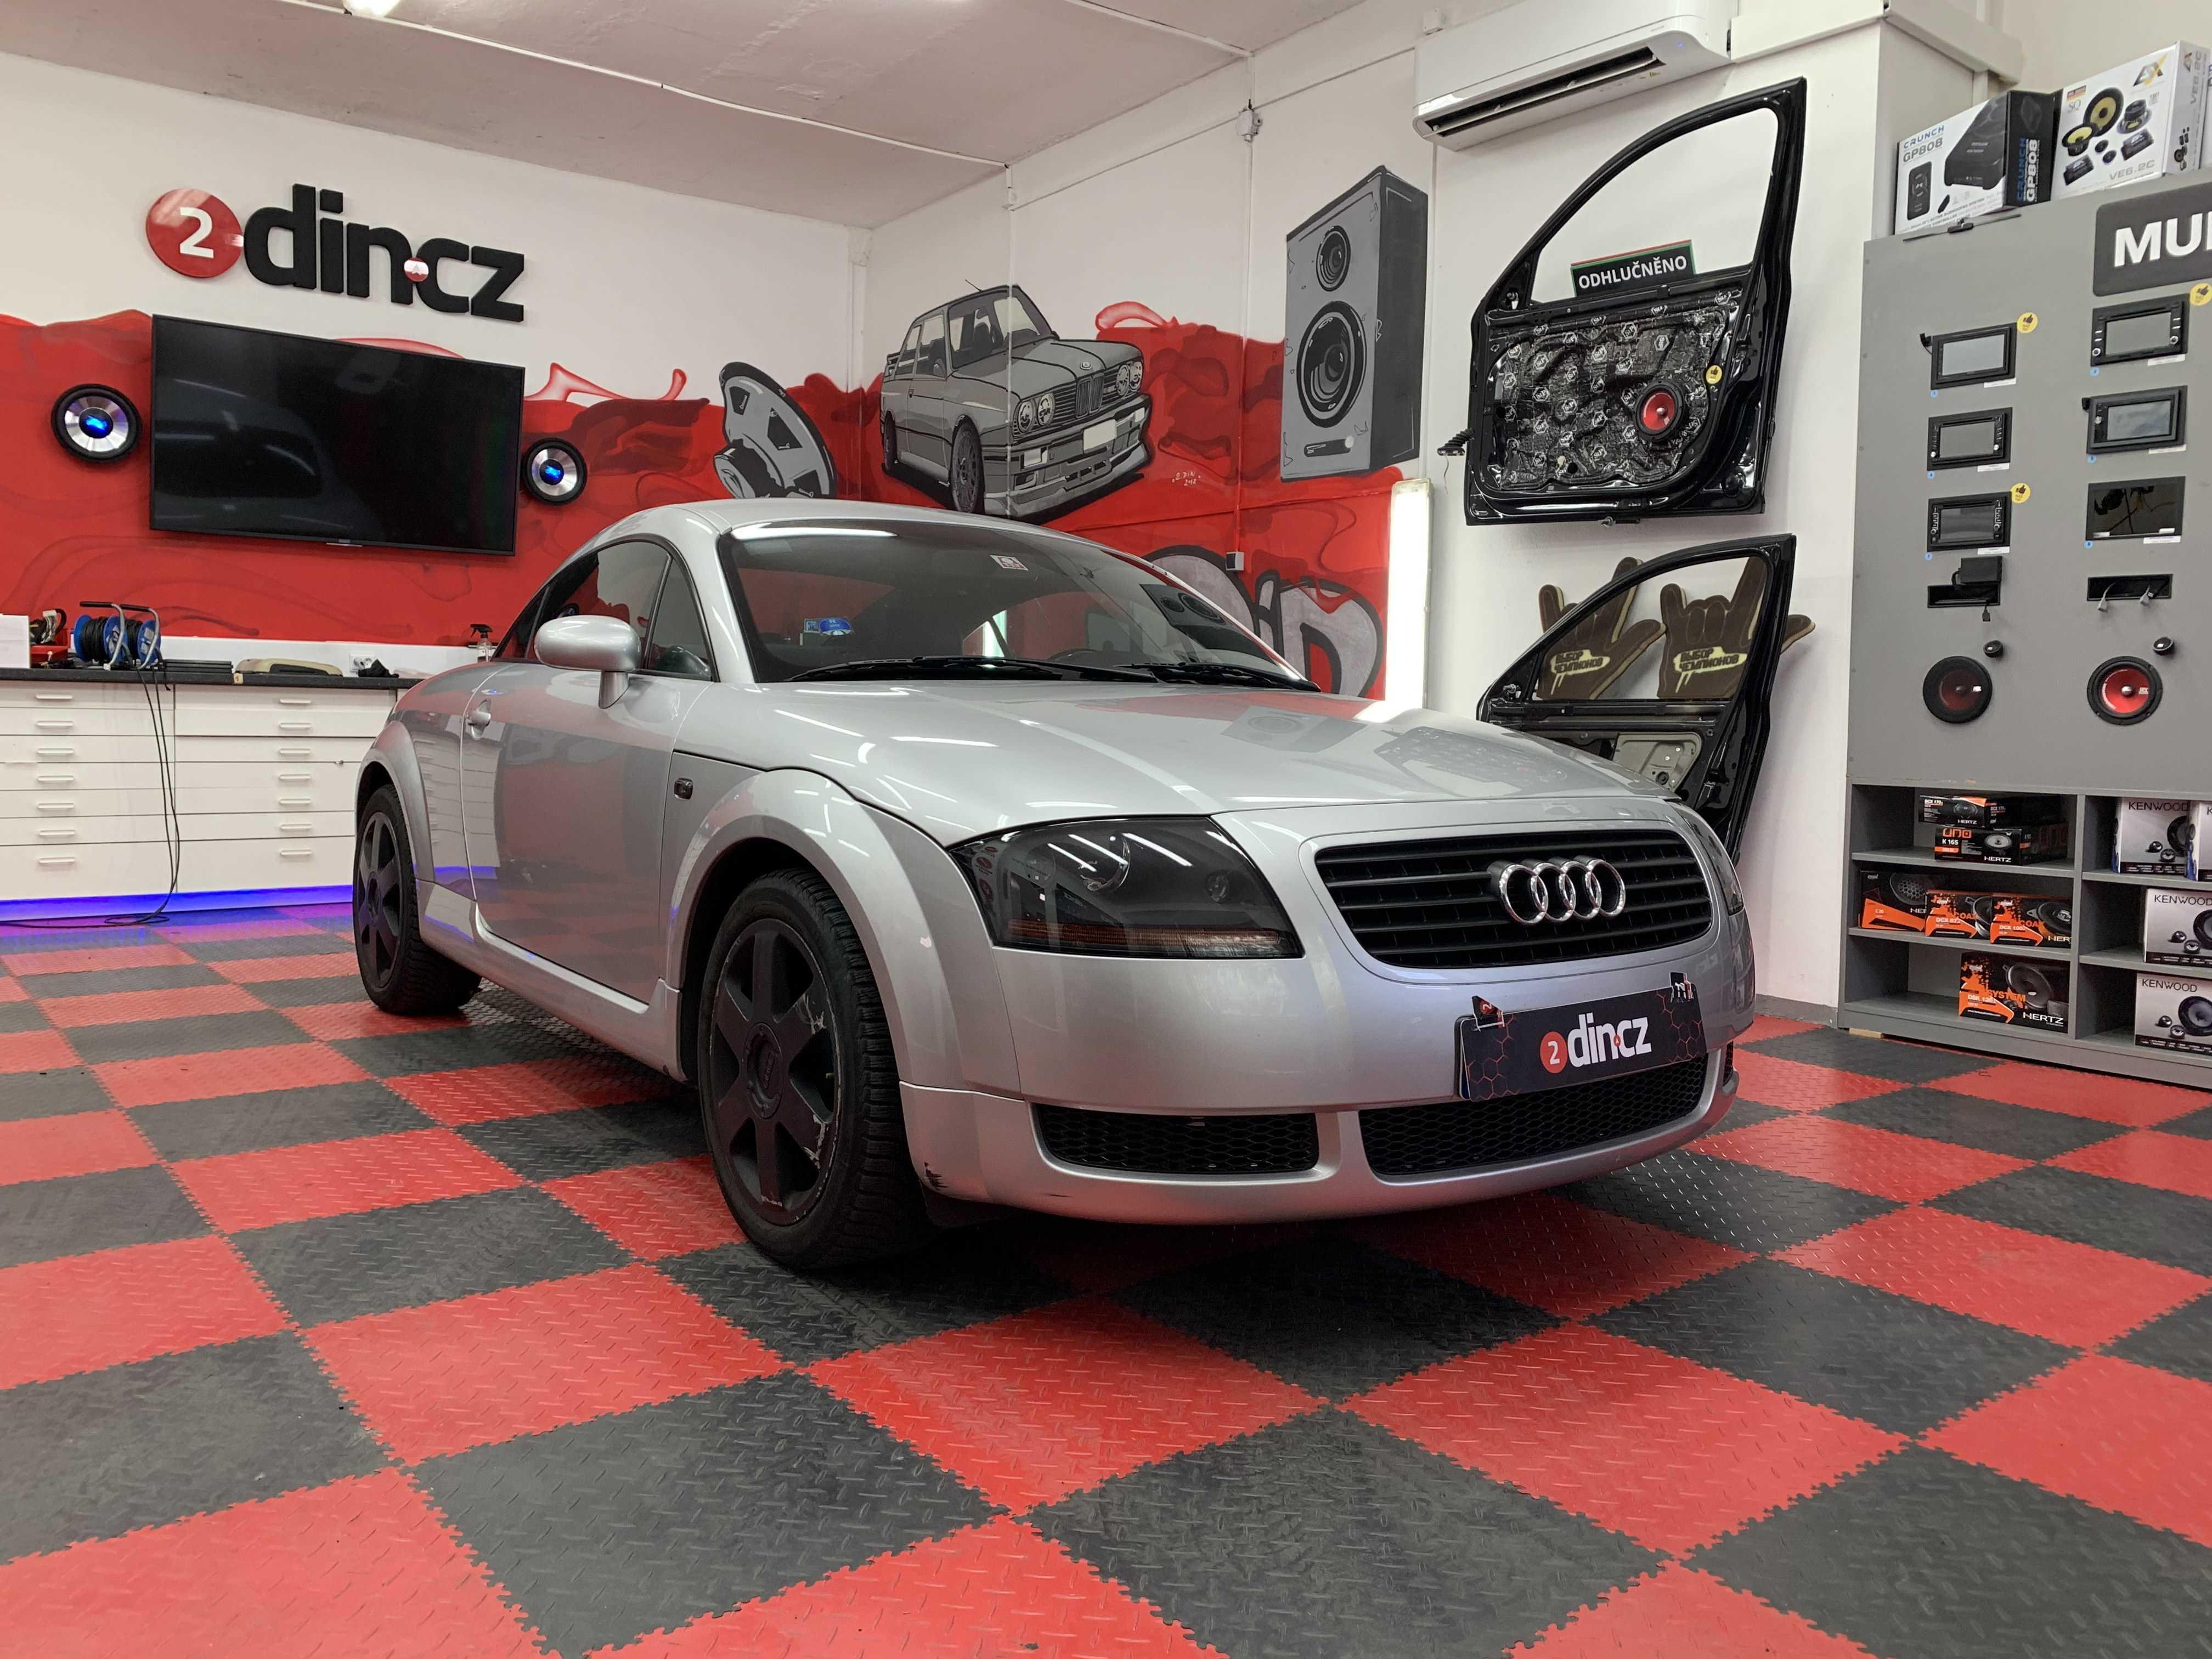 Audi TT - odhlučnění předních dveří a montáž reproduktorů